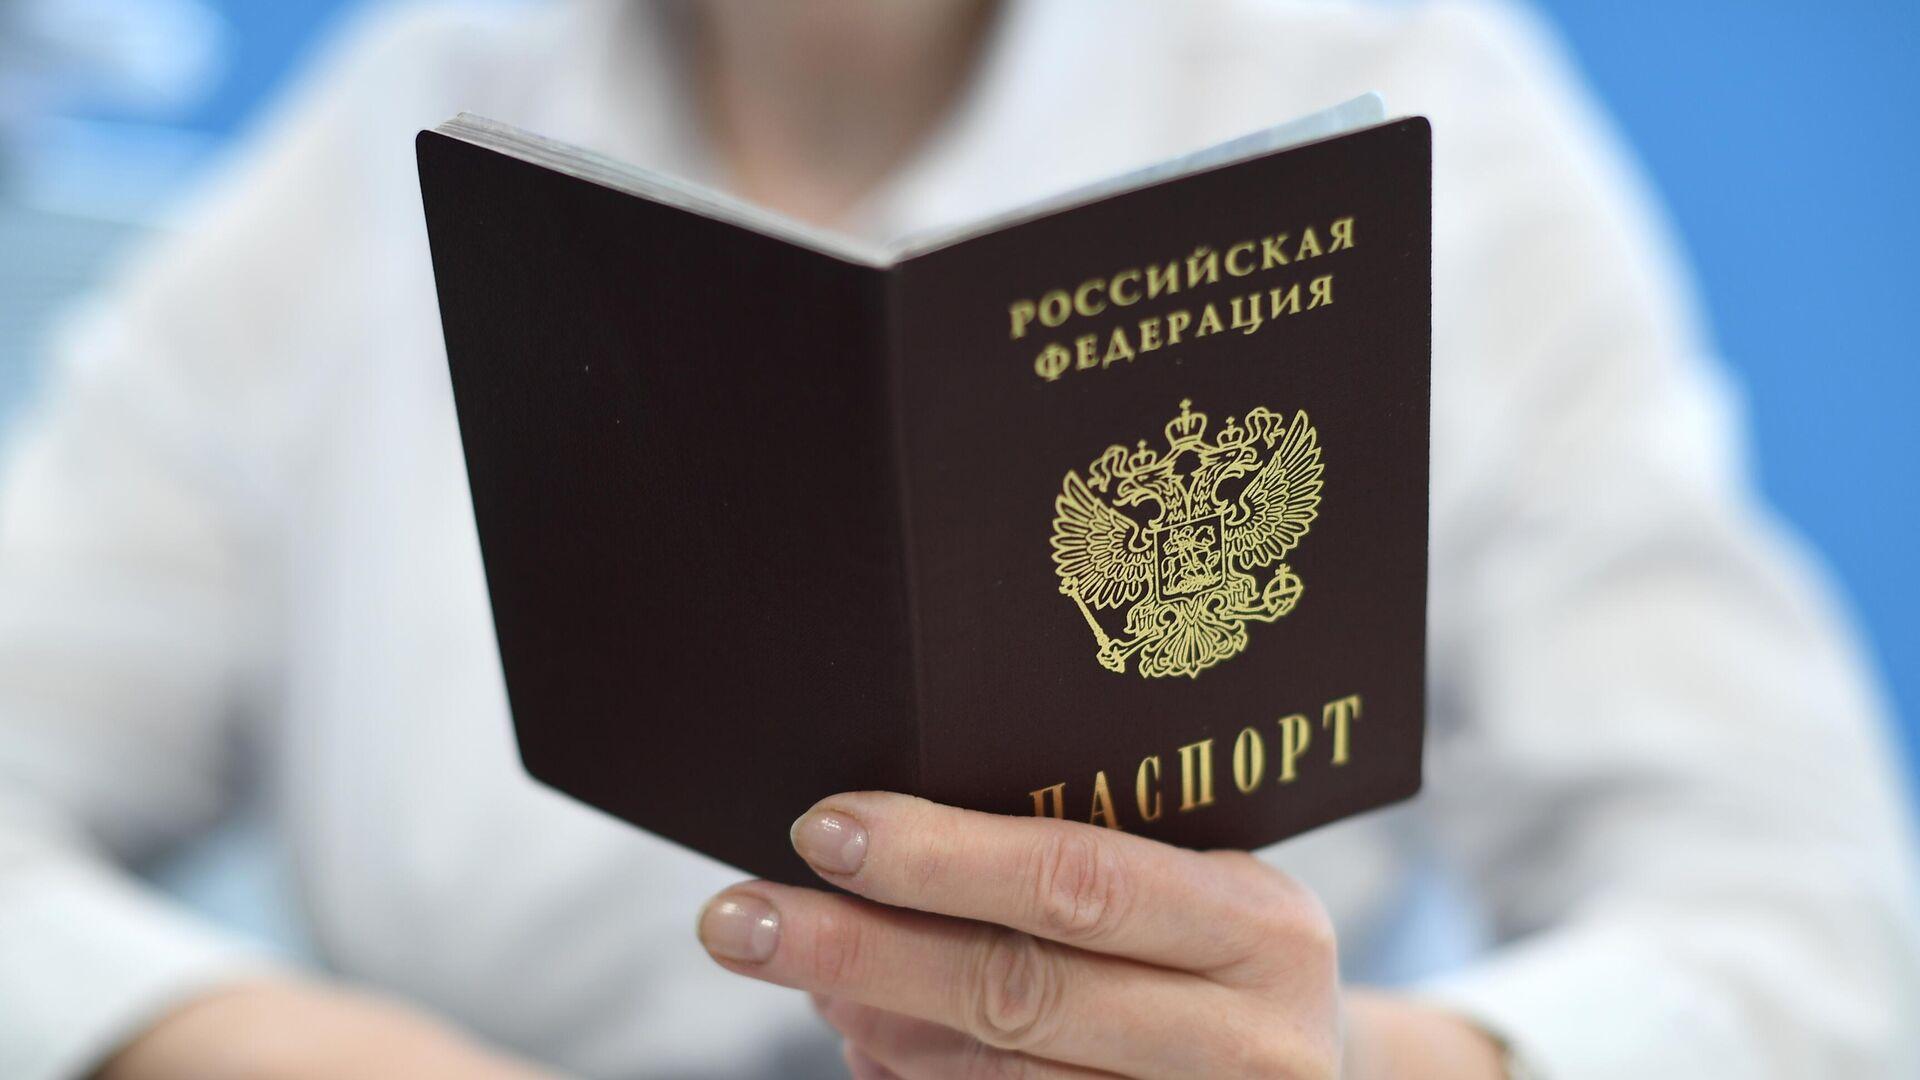 Паспорт гражданина России - Sputnik Ўзбекистон, 1920, 27.09.2021